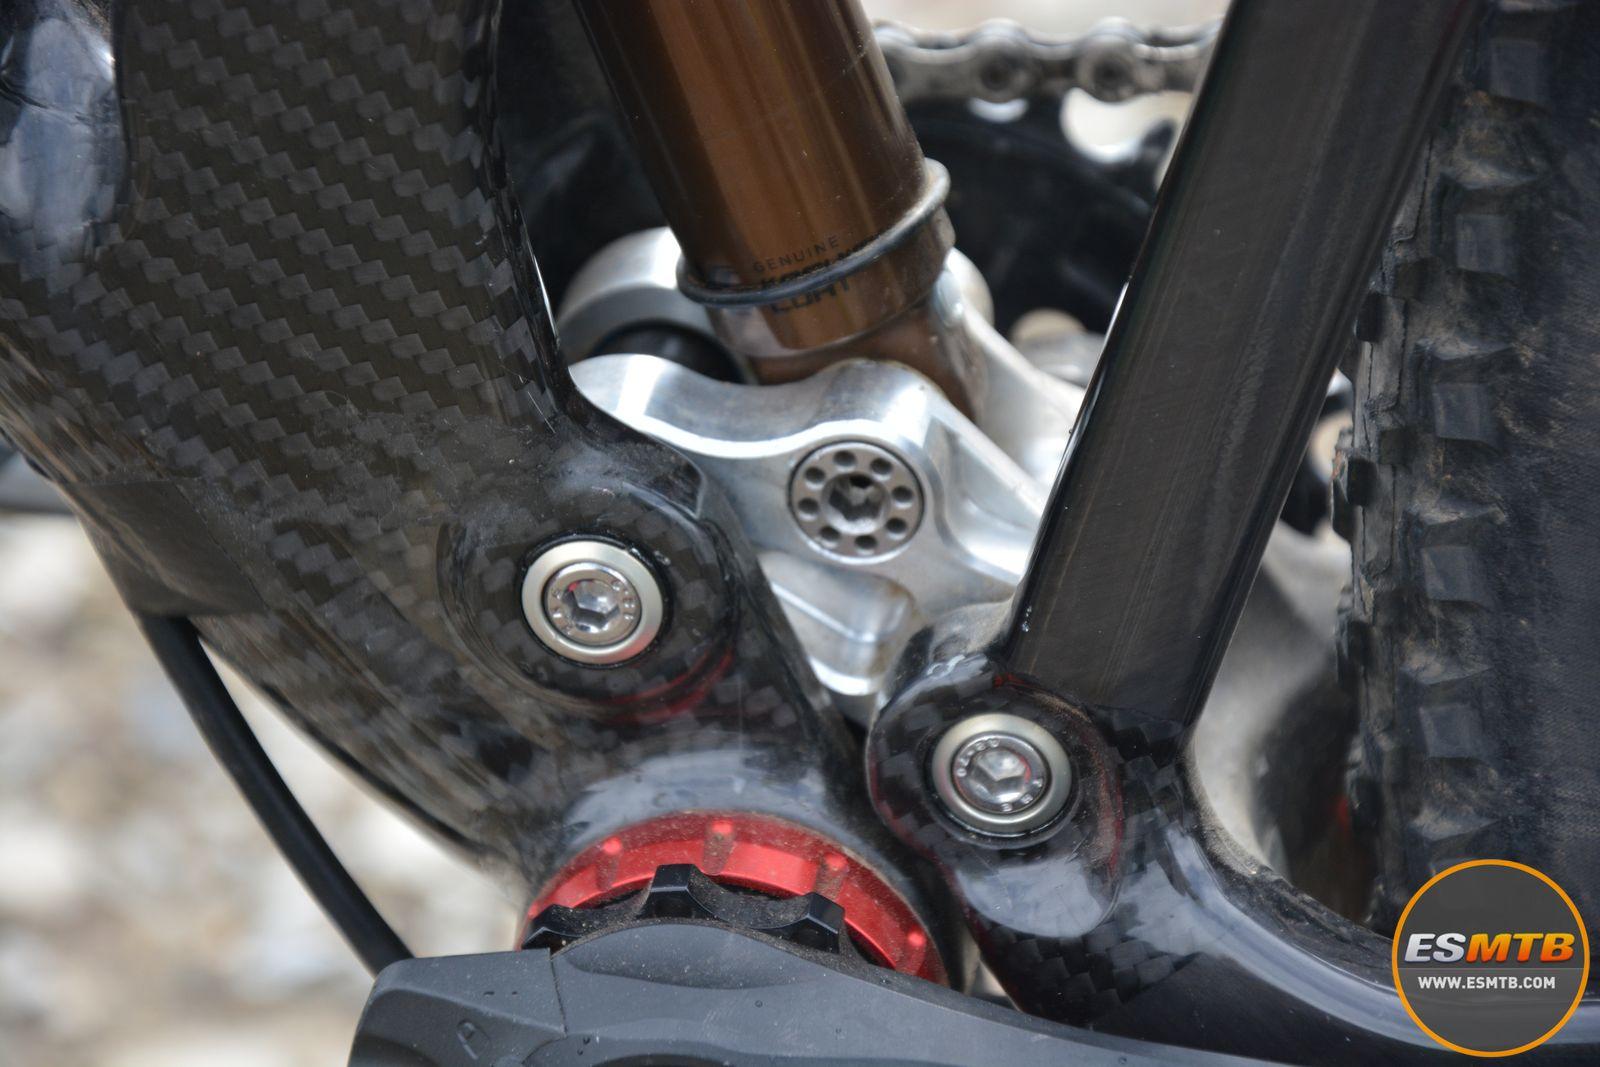 El poco aluminio que encuentras en el cuadro de la Mondraker doble. Una pieza clave en el sistema de suspensión diseñado para este modelo. Está todavía en fase prototipo, y puede recibir cambios importantes de cara al modelo final.